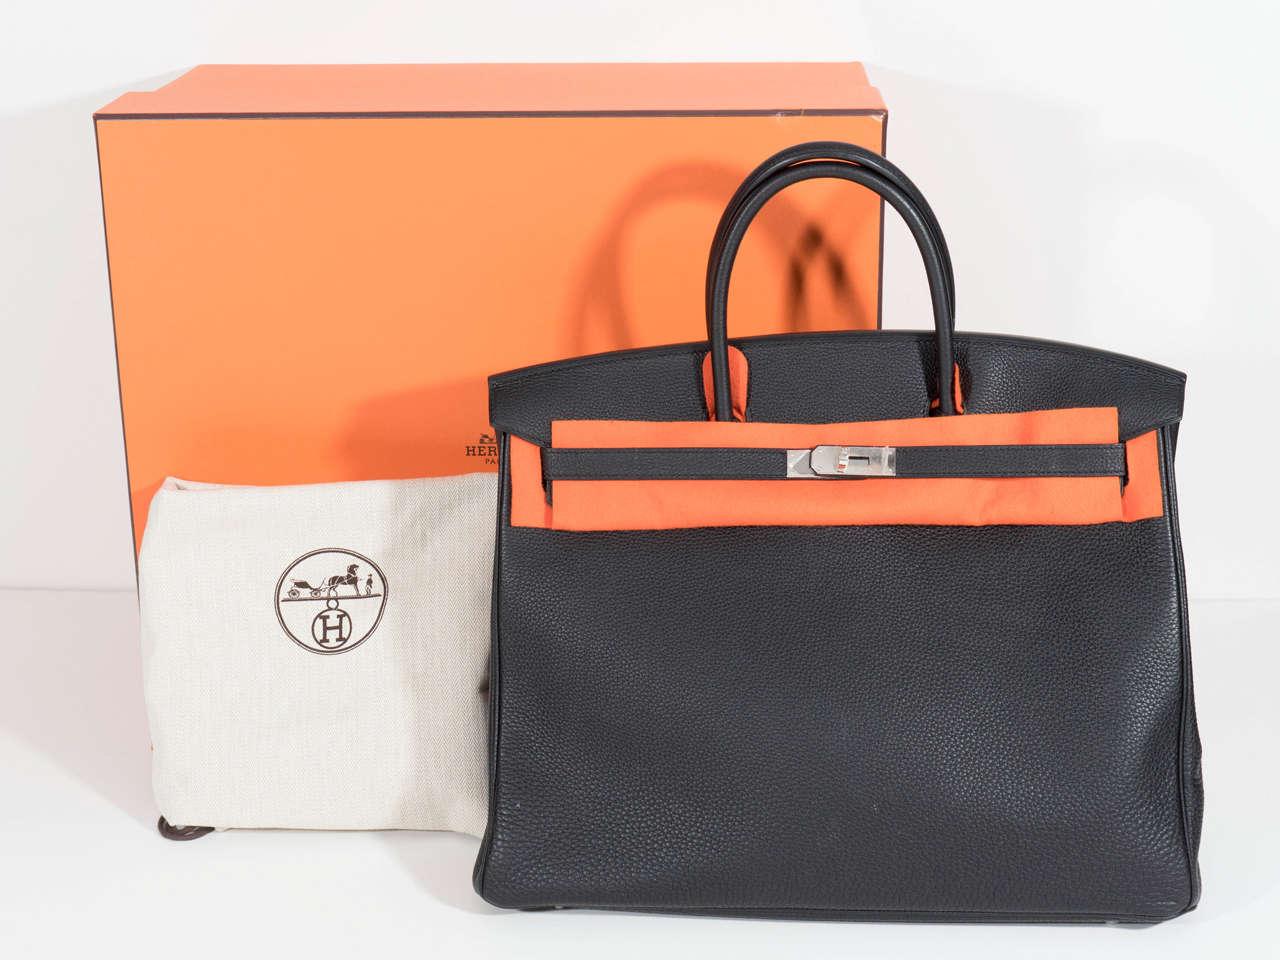 Hermès Paris Birkin Bag 40 in Togo Leather with Palladium Hardware, 2008 3